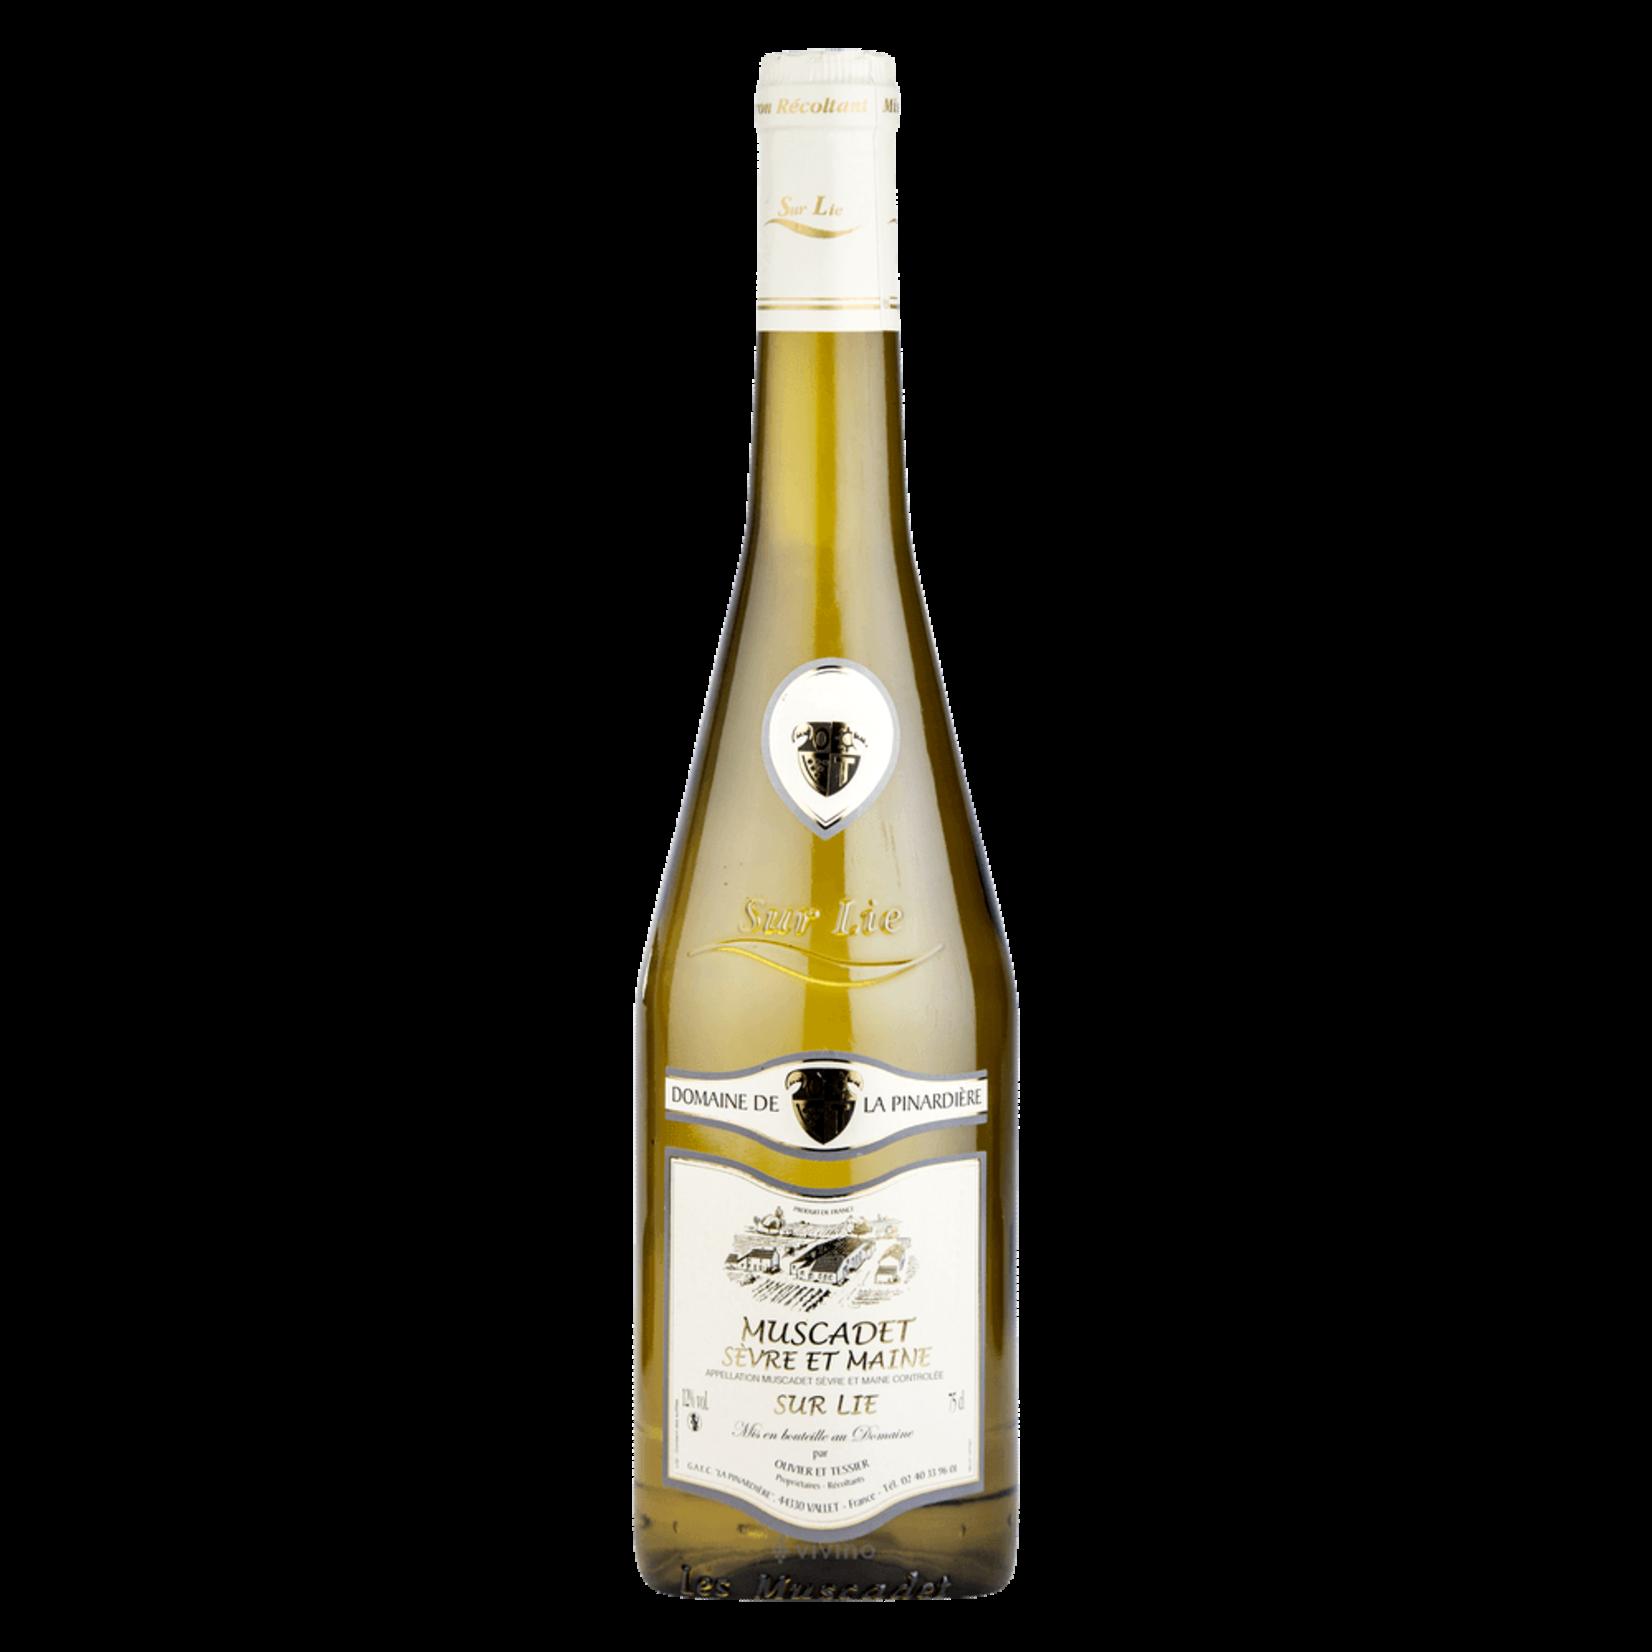 Wine Domaine de la Pinardiere Muscadet Sevre et Maine Sur Lie 2019